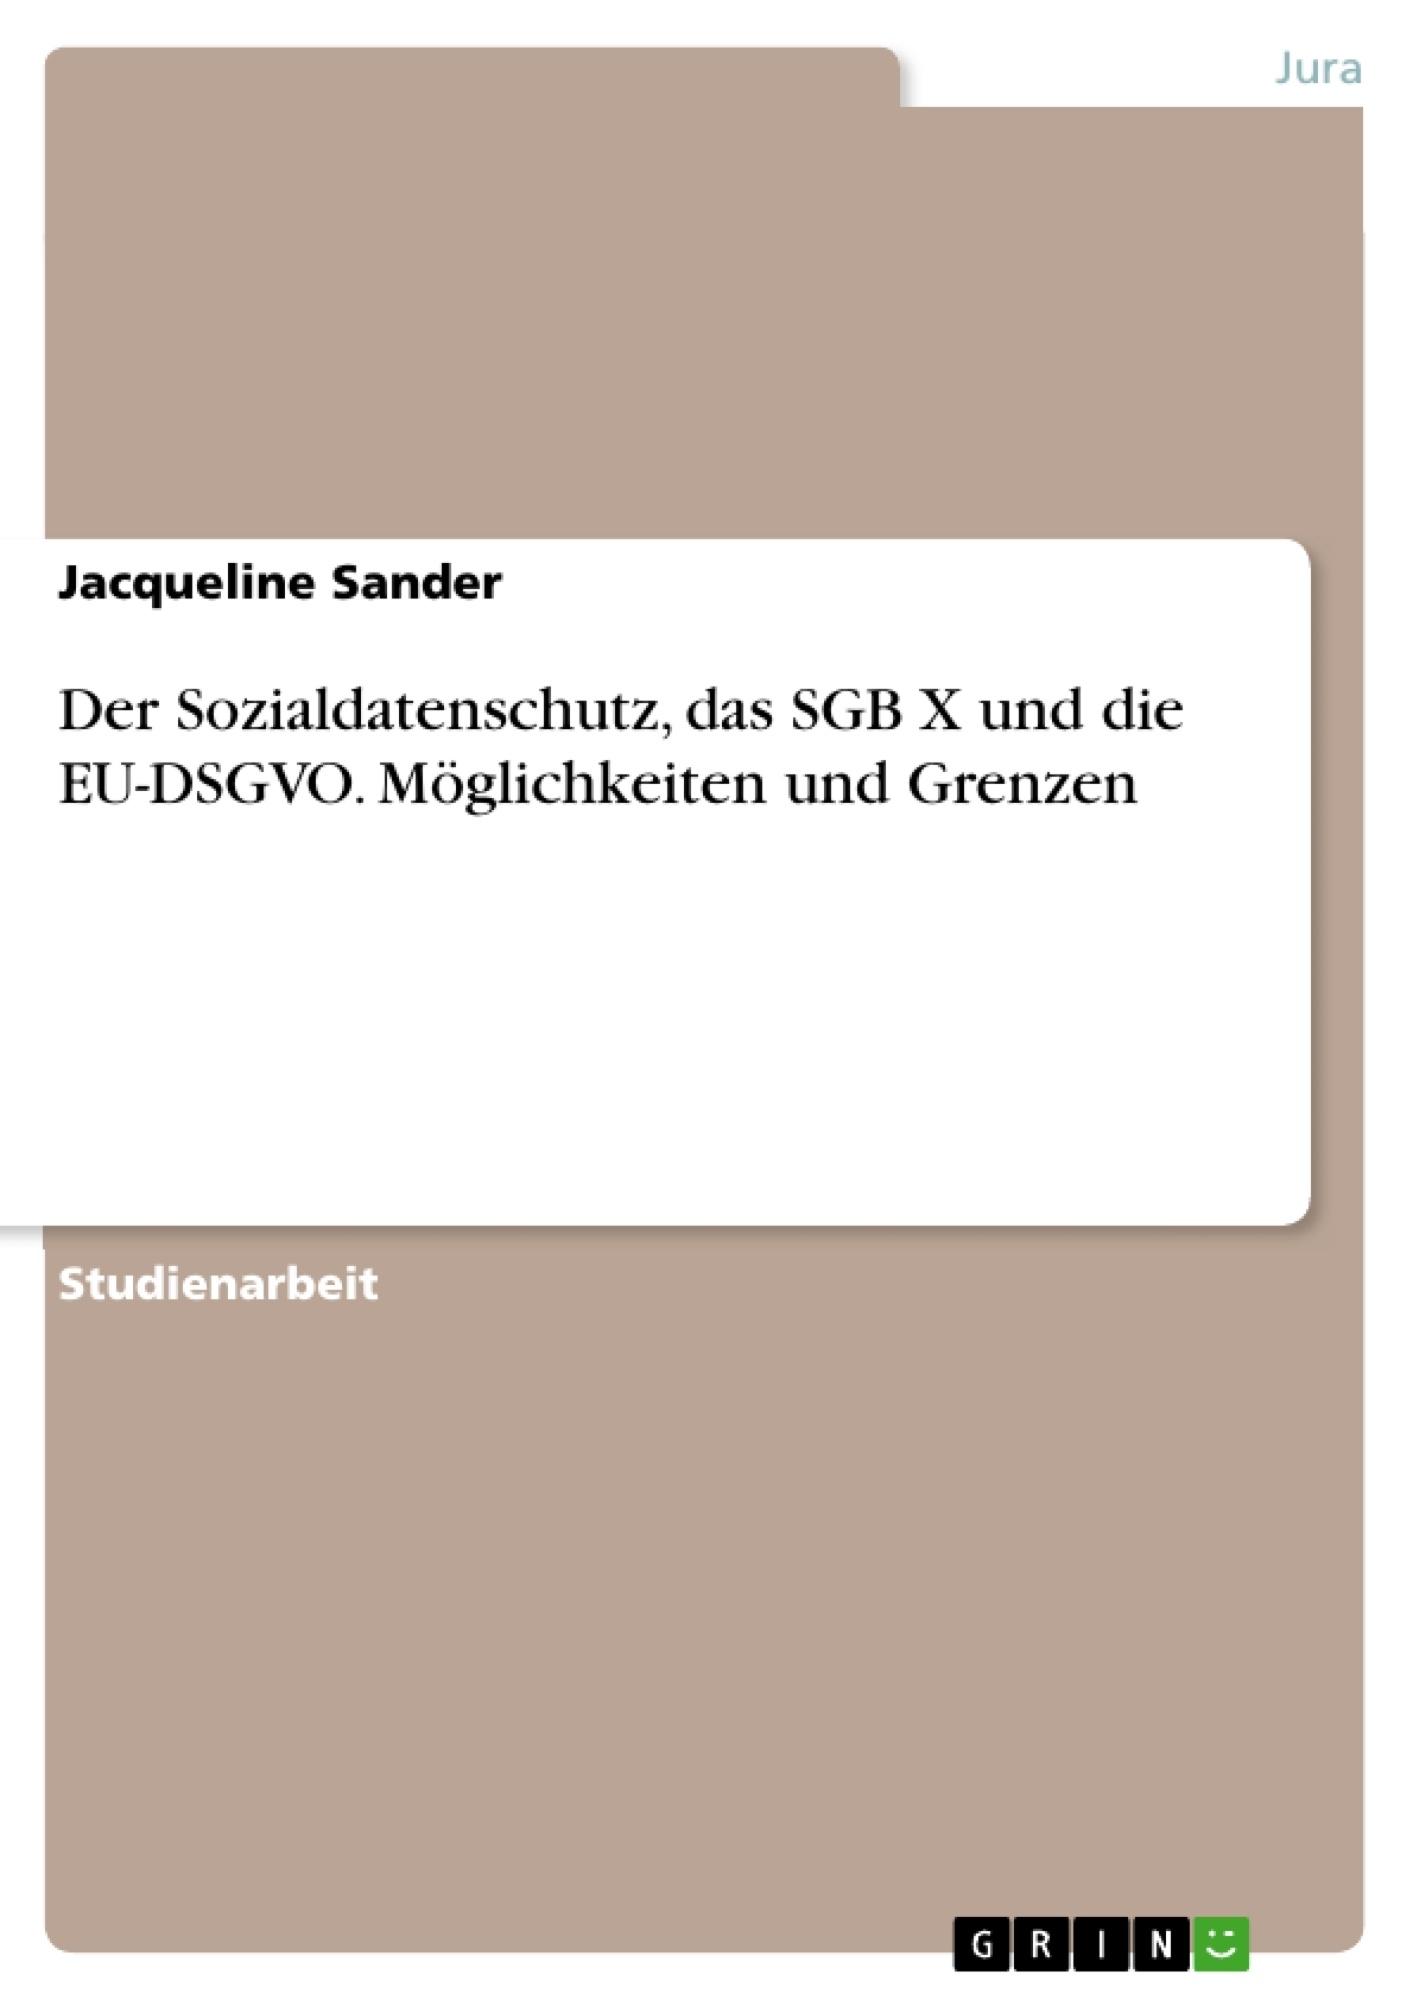 Titel: Der Sozialdatenschutz, das SGB X und die EU-DSGVO. Möglichkeiten und Grenzen